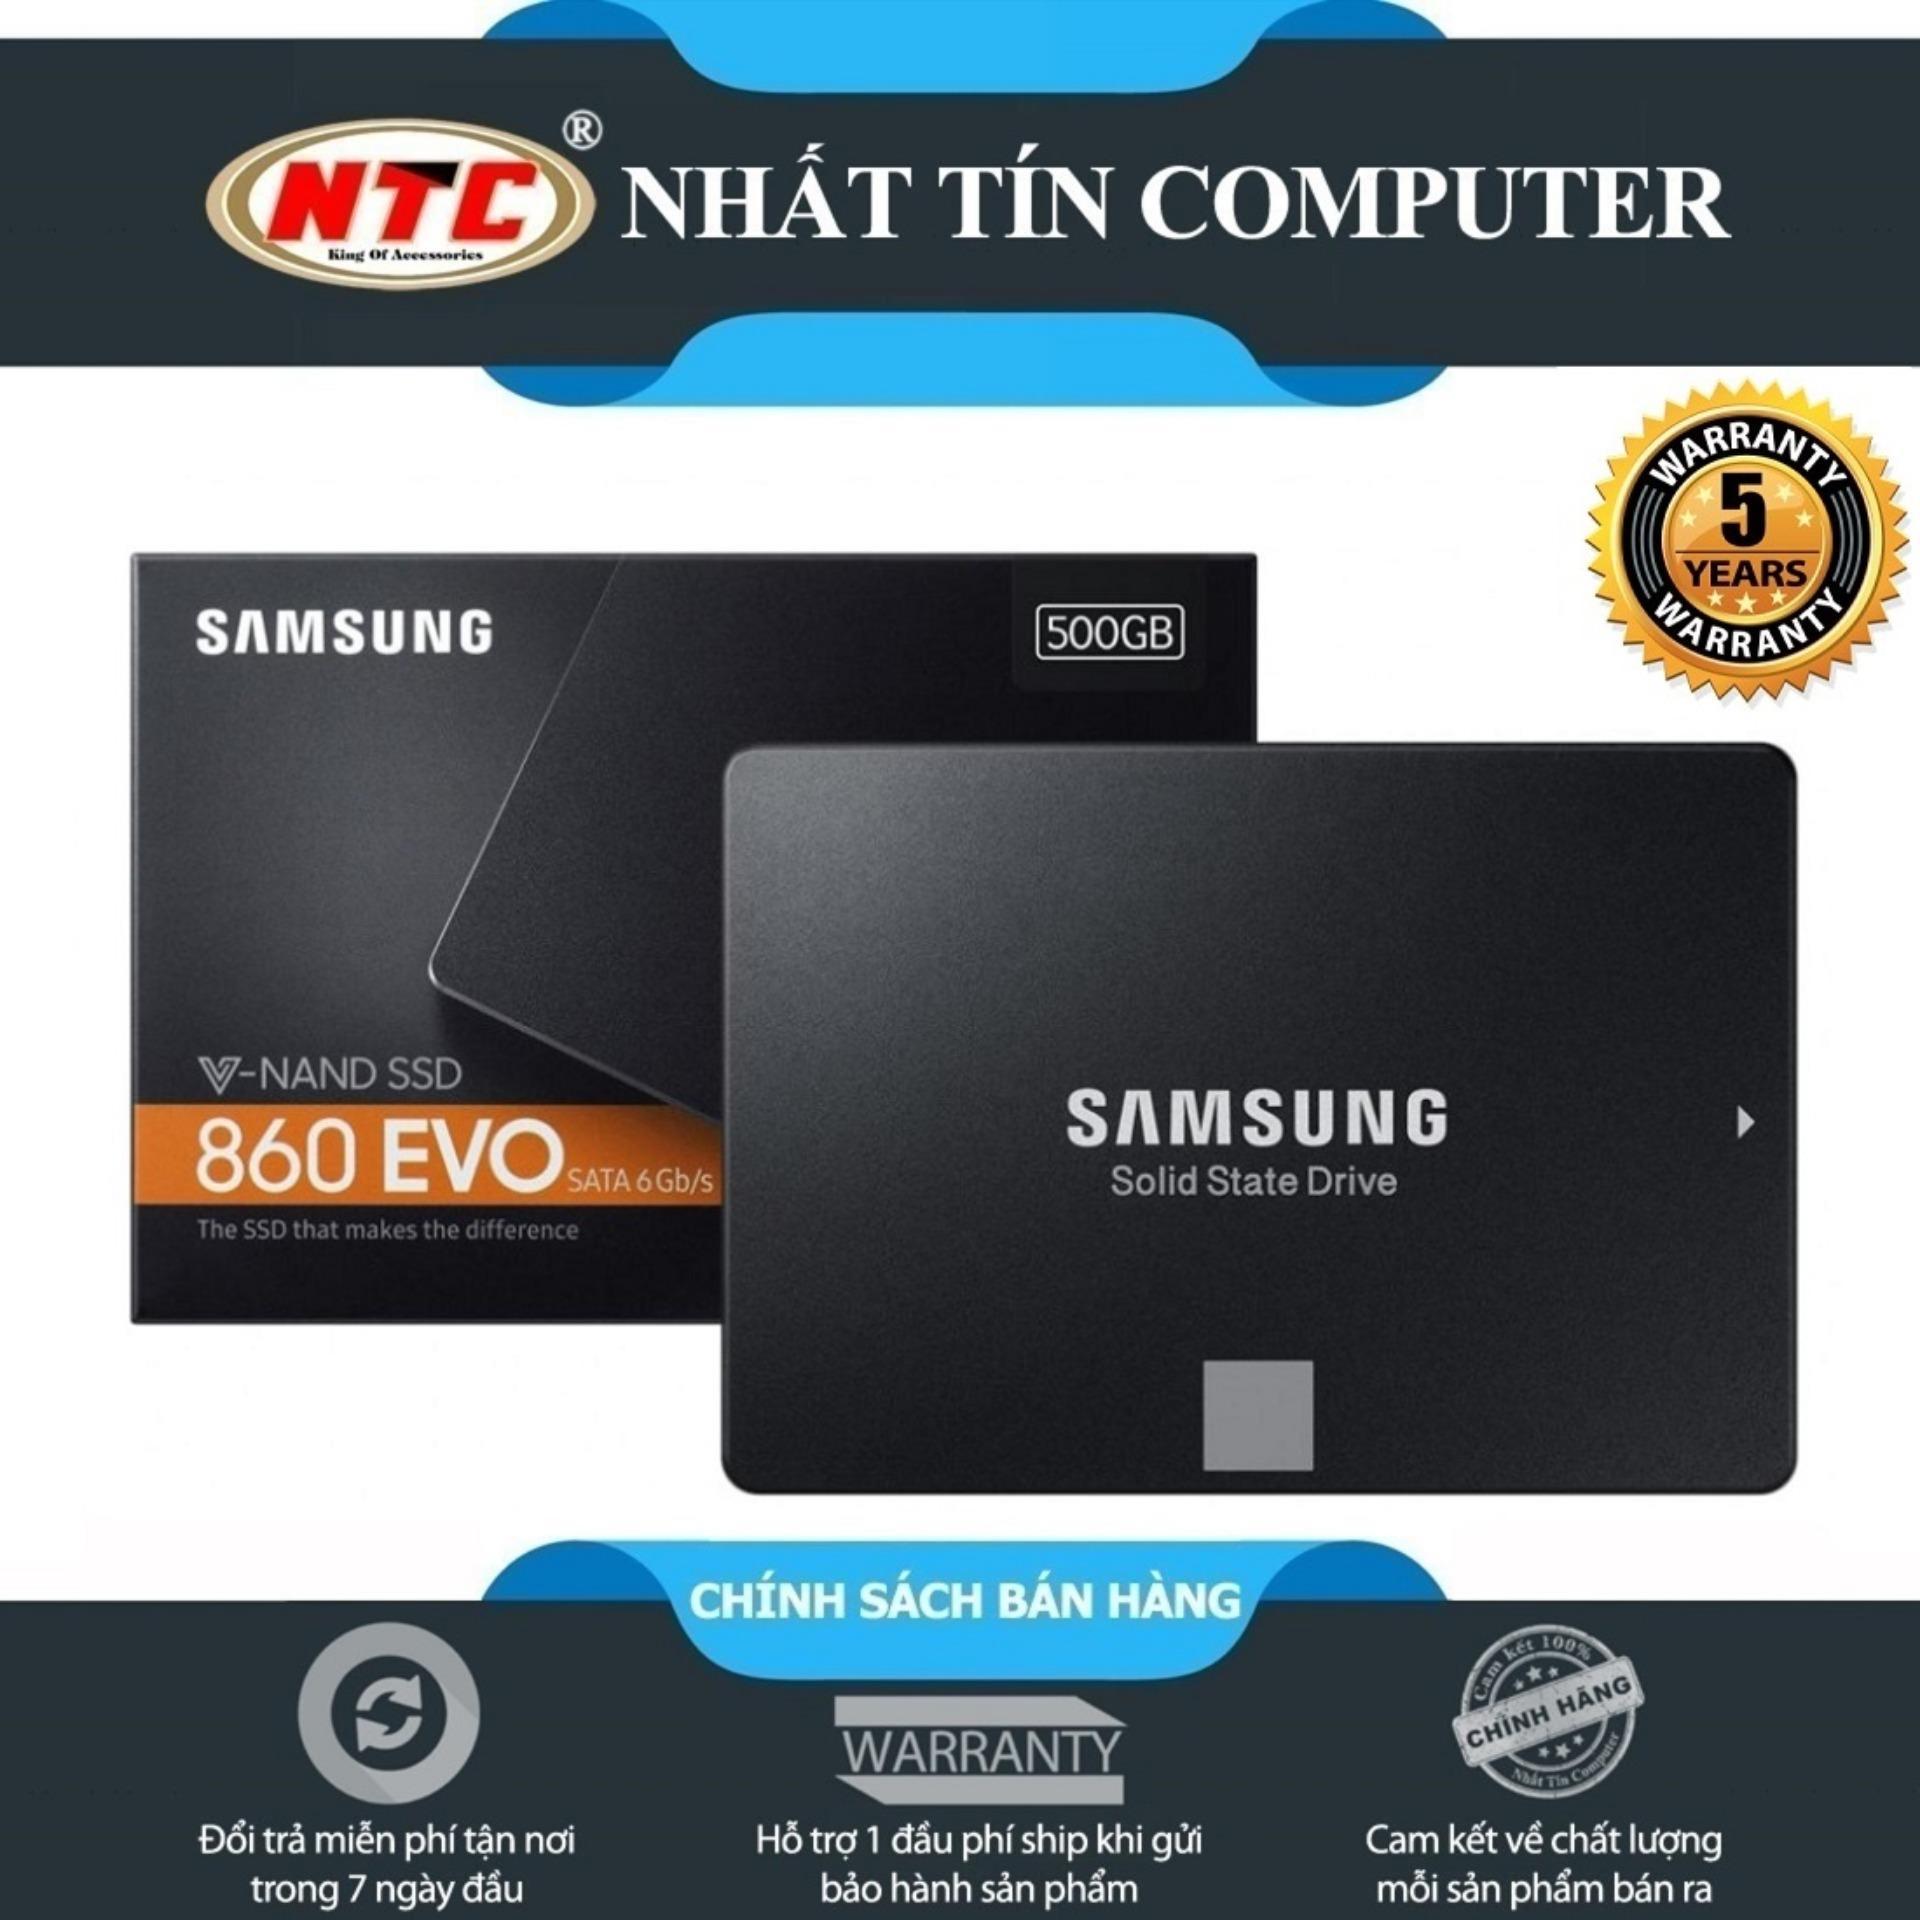 Hình ảnh Ổ cứng SSD Samsung 860 Evo 500GB 2.5-Inch SATA III - box Anh (Đen)